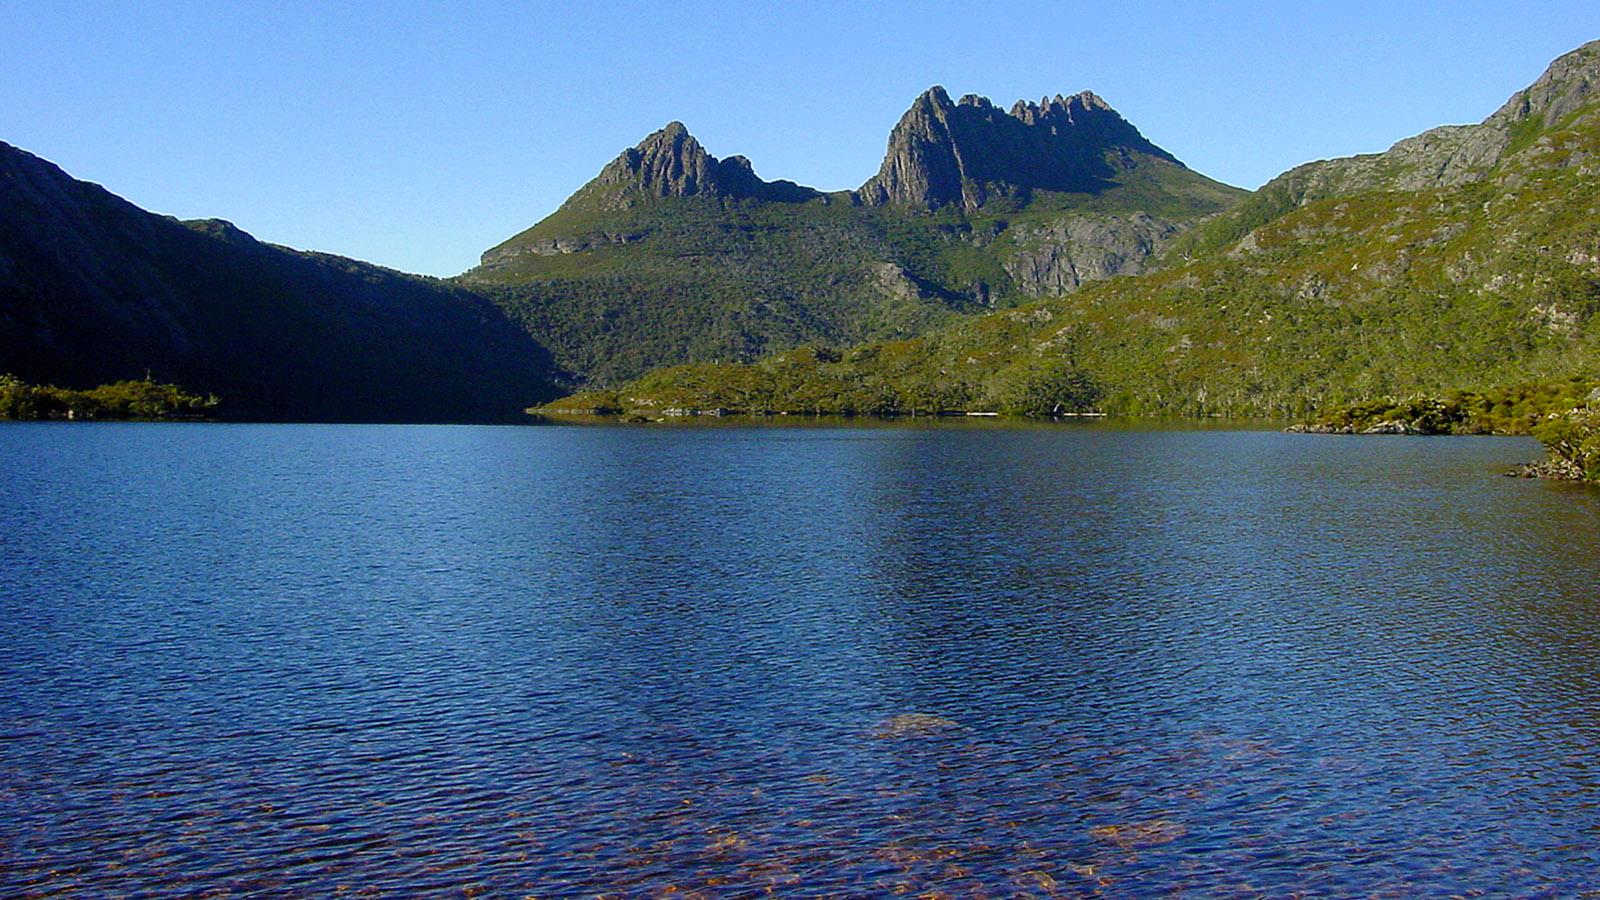 Tasmanien, Dove Lake mit Cradle Mountain. Ein leichter 6 km-Rundweg führt um den See. Foto: Hilke Maunder